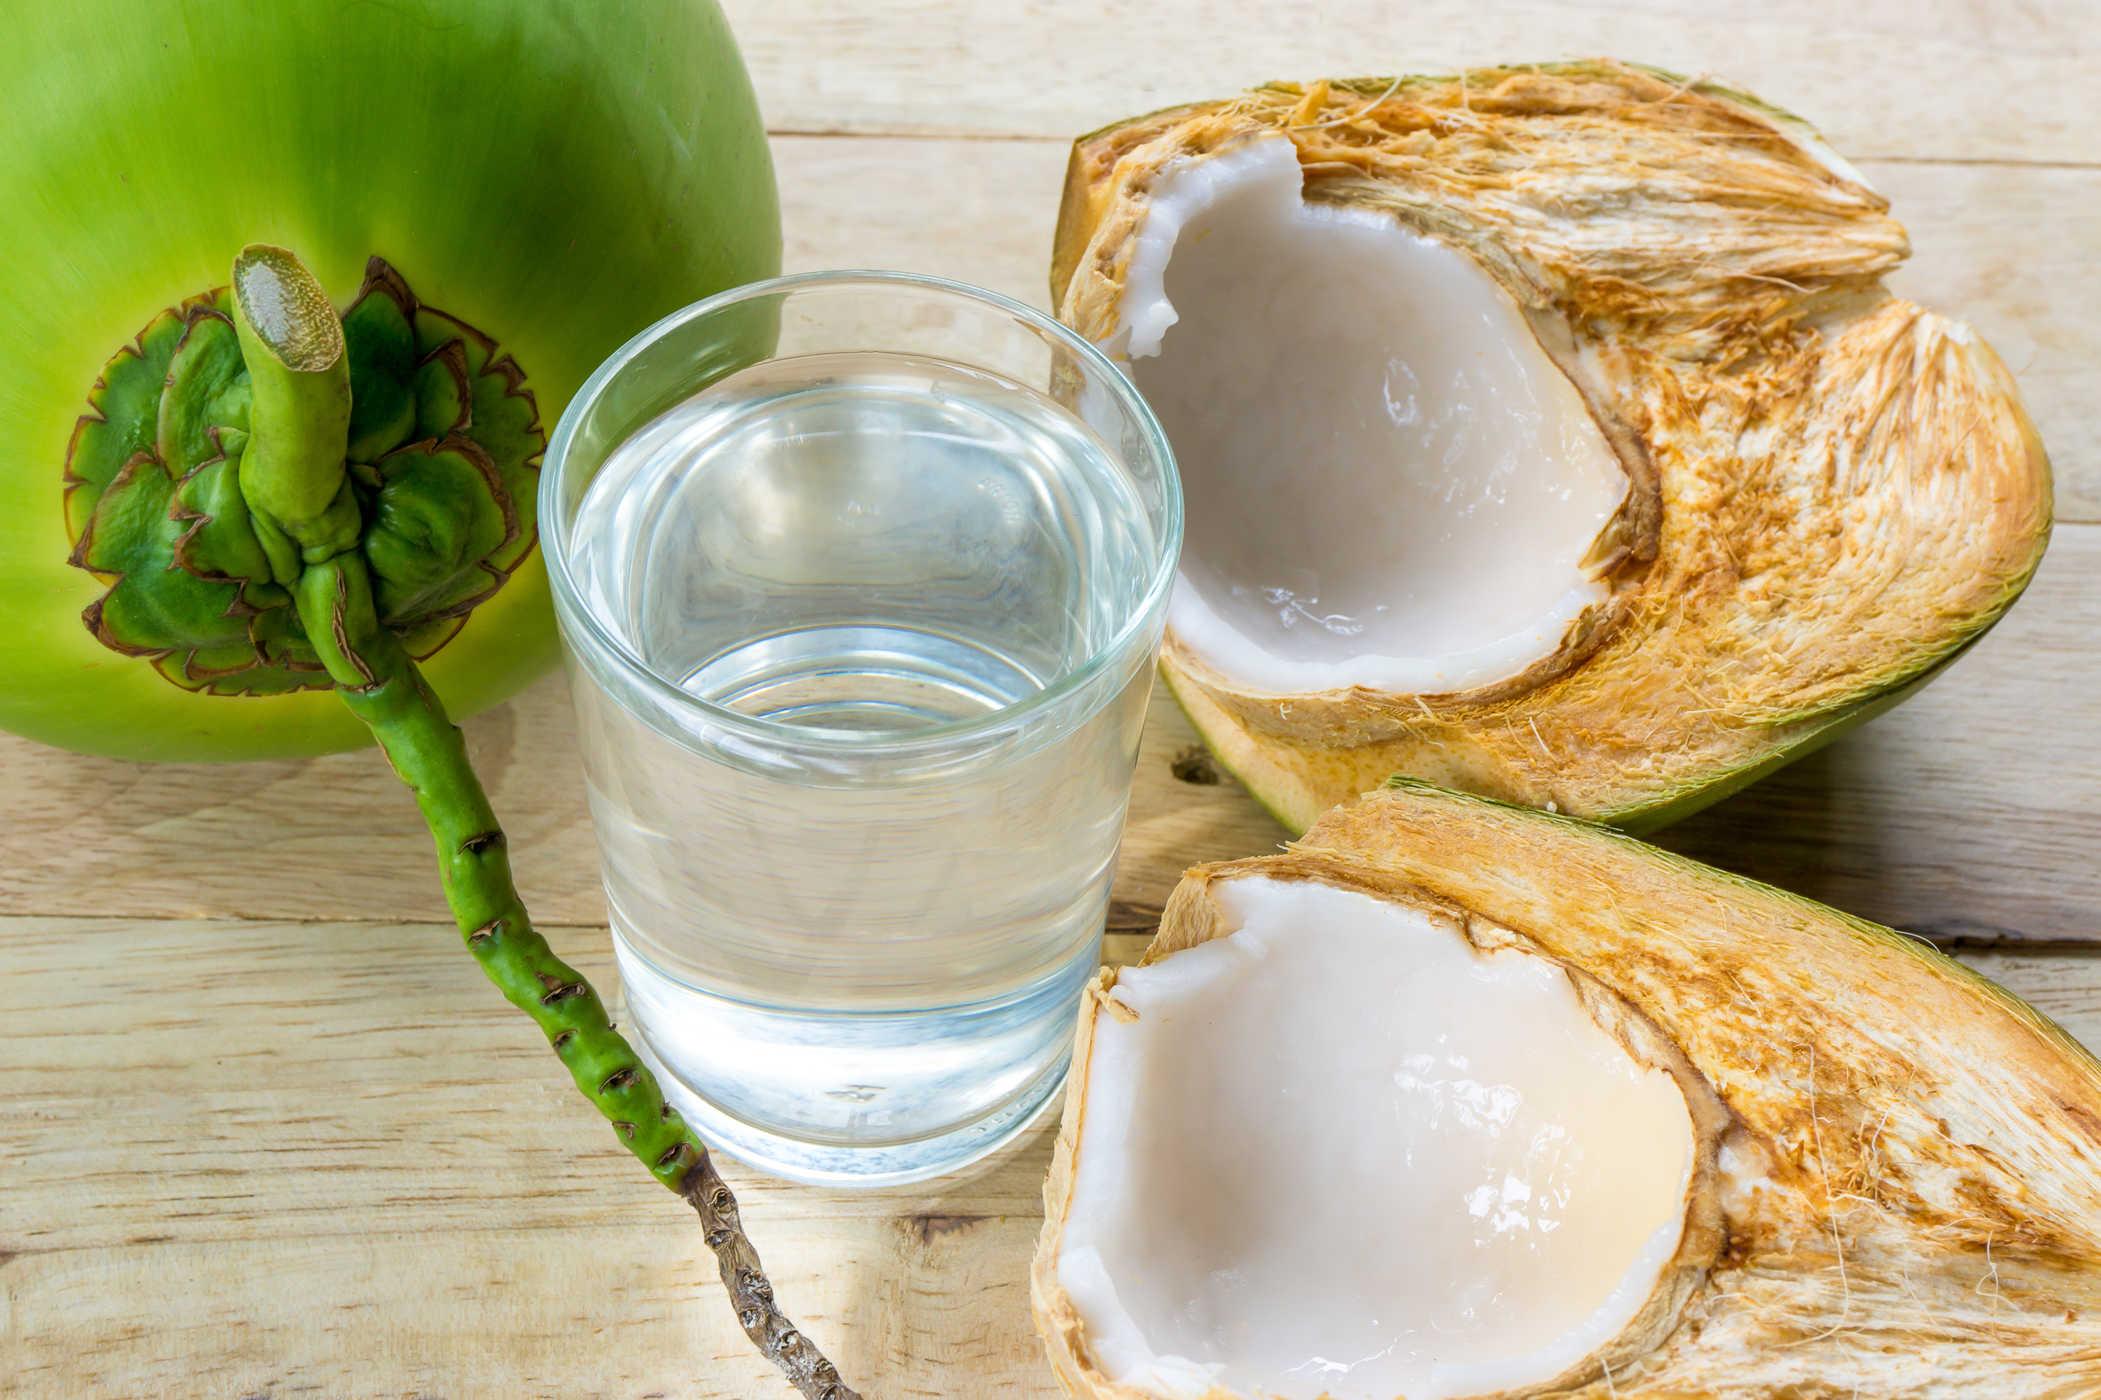 Tác dụng của nước dừa với sức khỏe mọi người